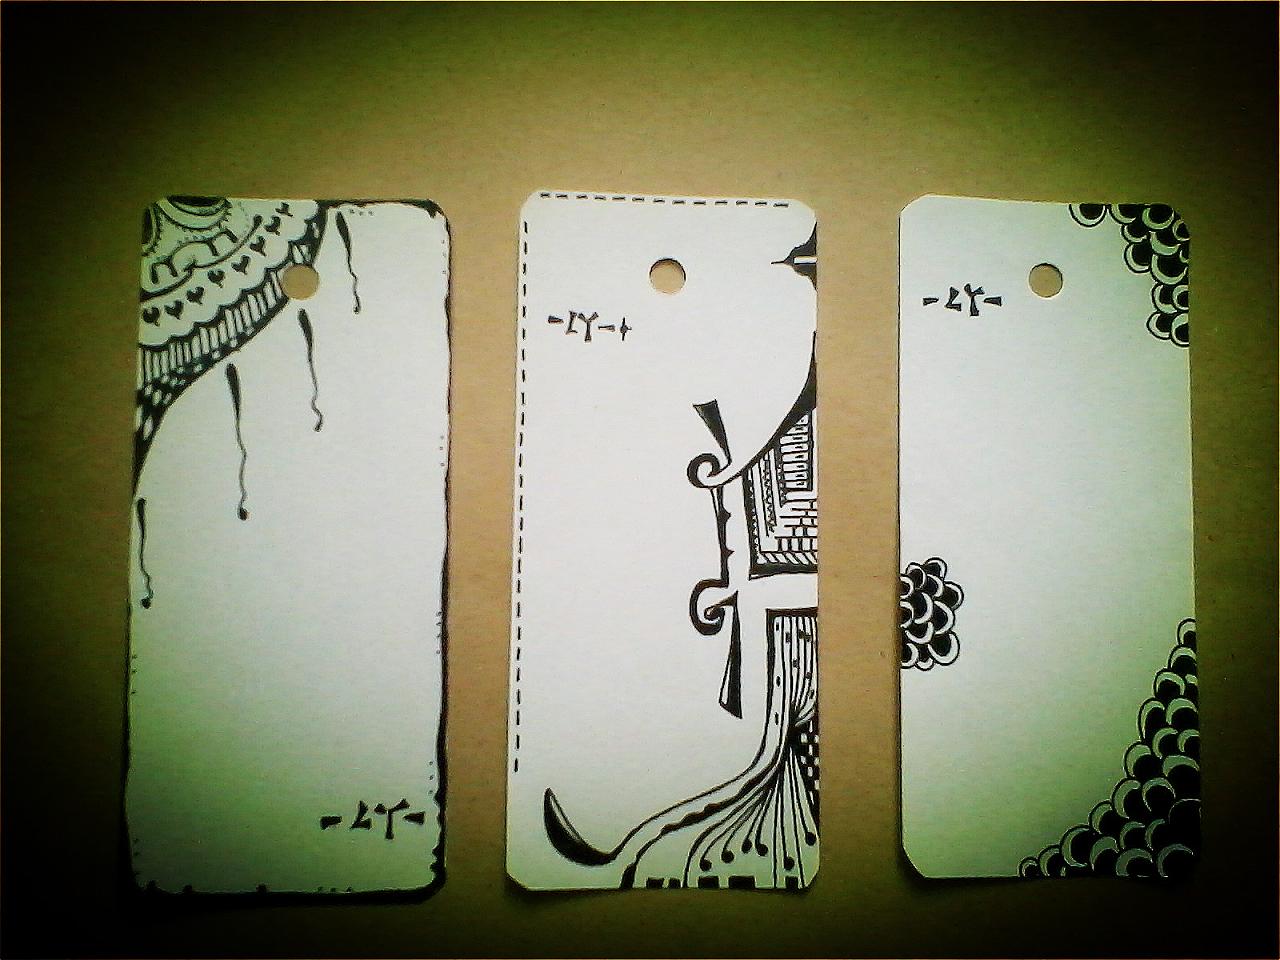 我的 手绘书签系列 之一